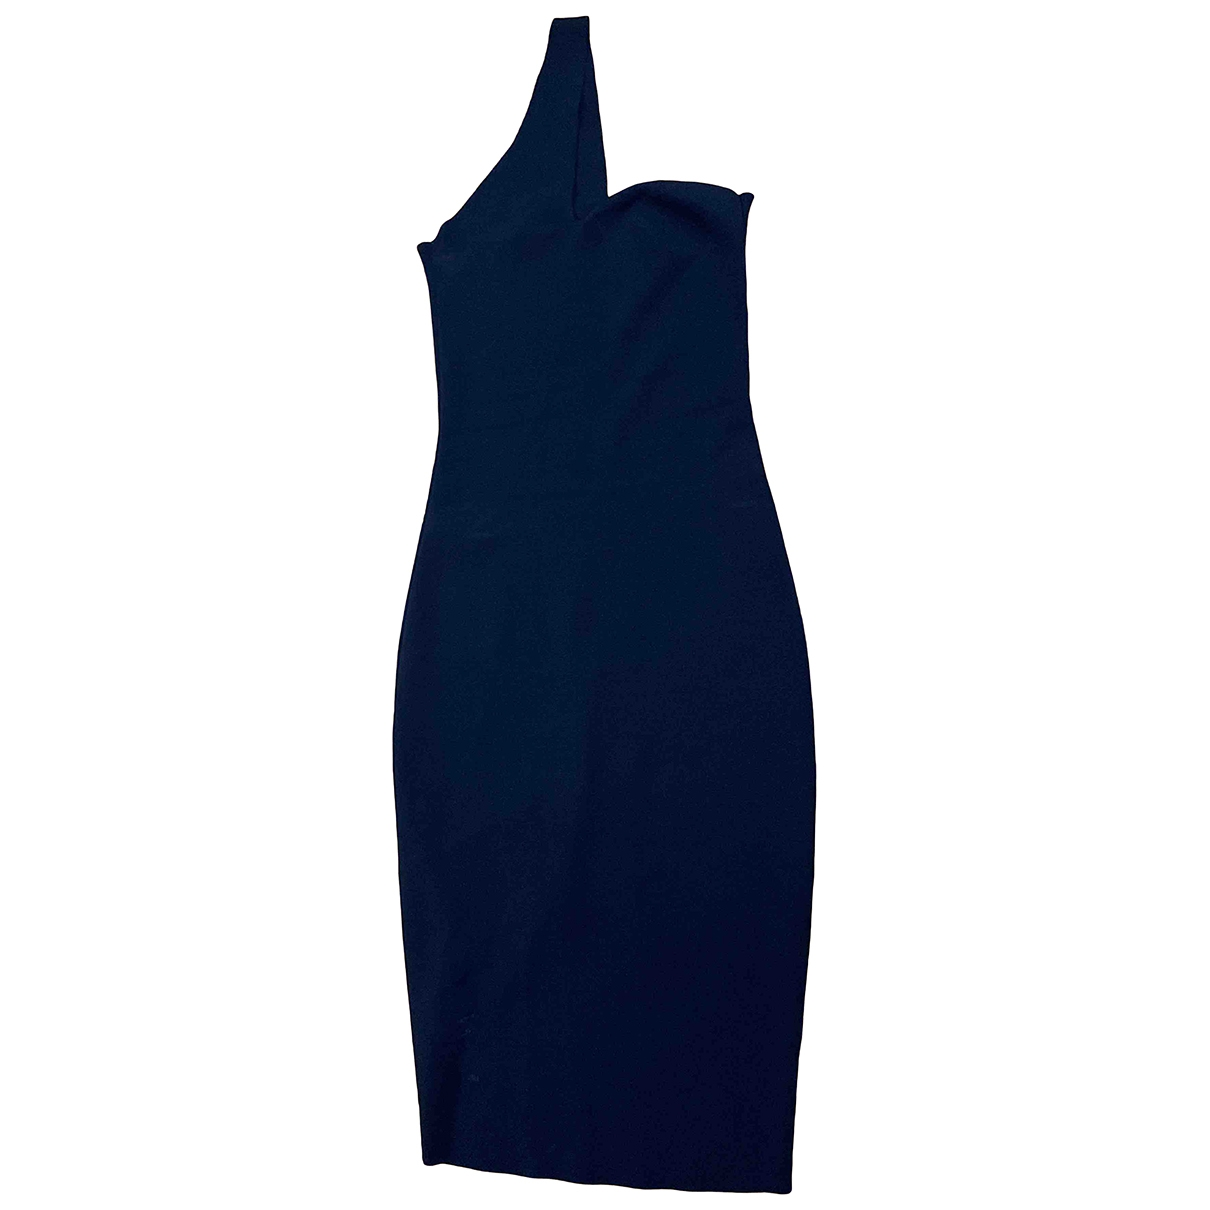 Stella Mccartney \N Kleid in  Blau Synthetik